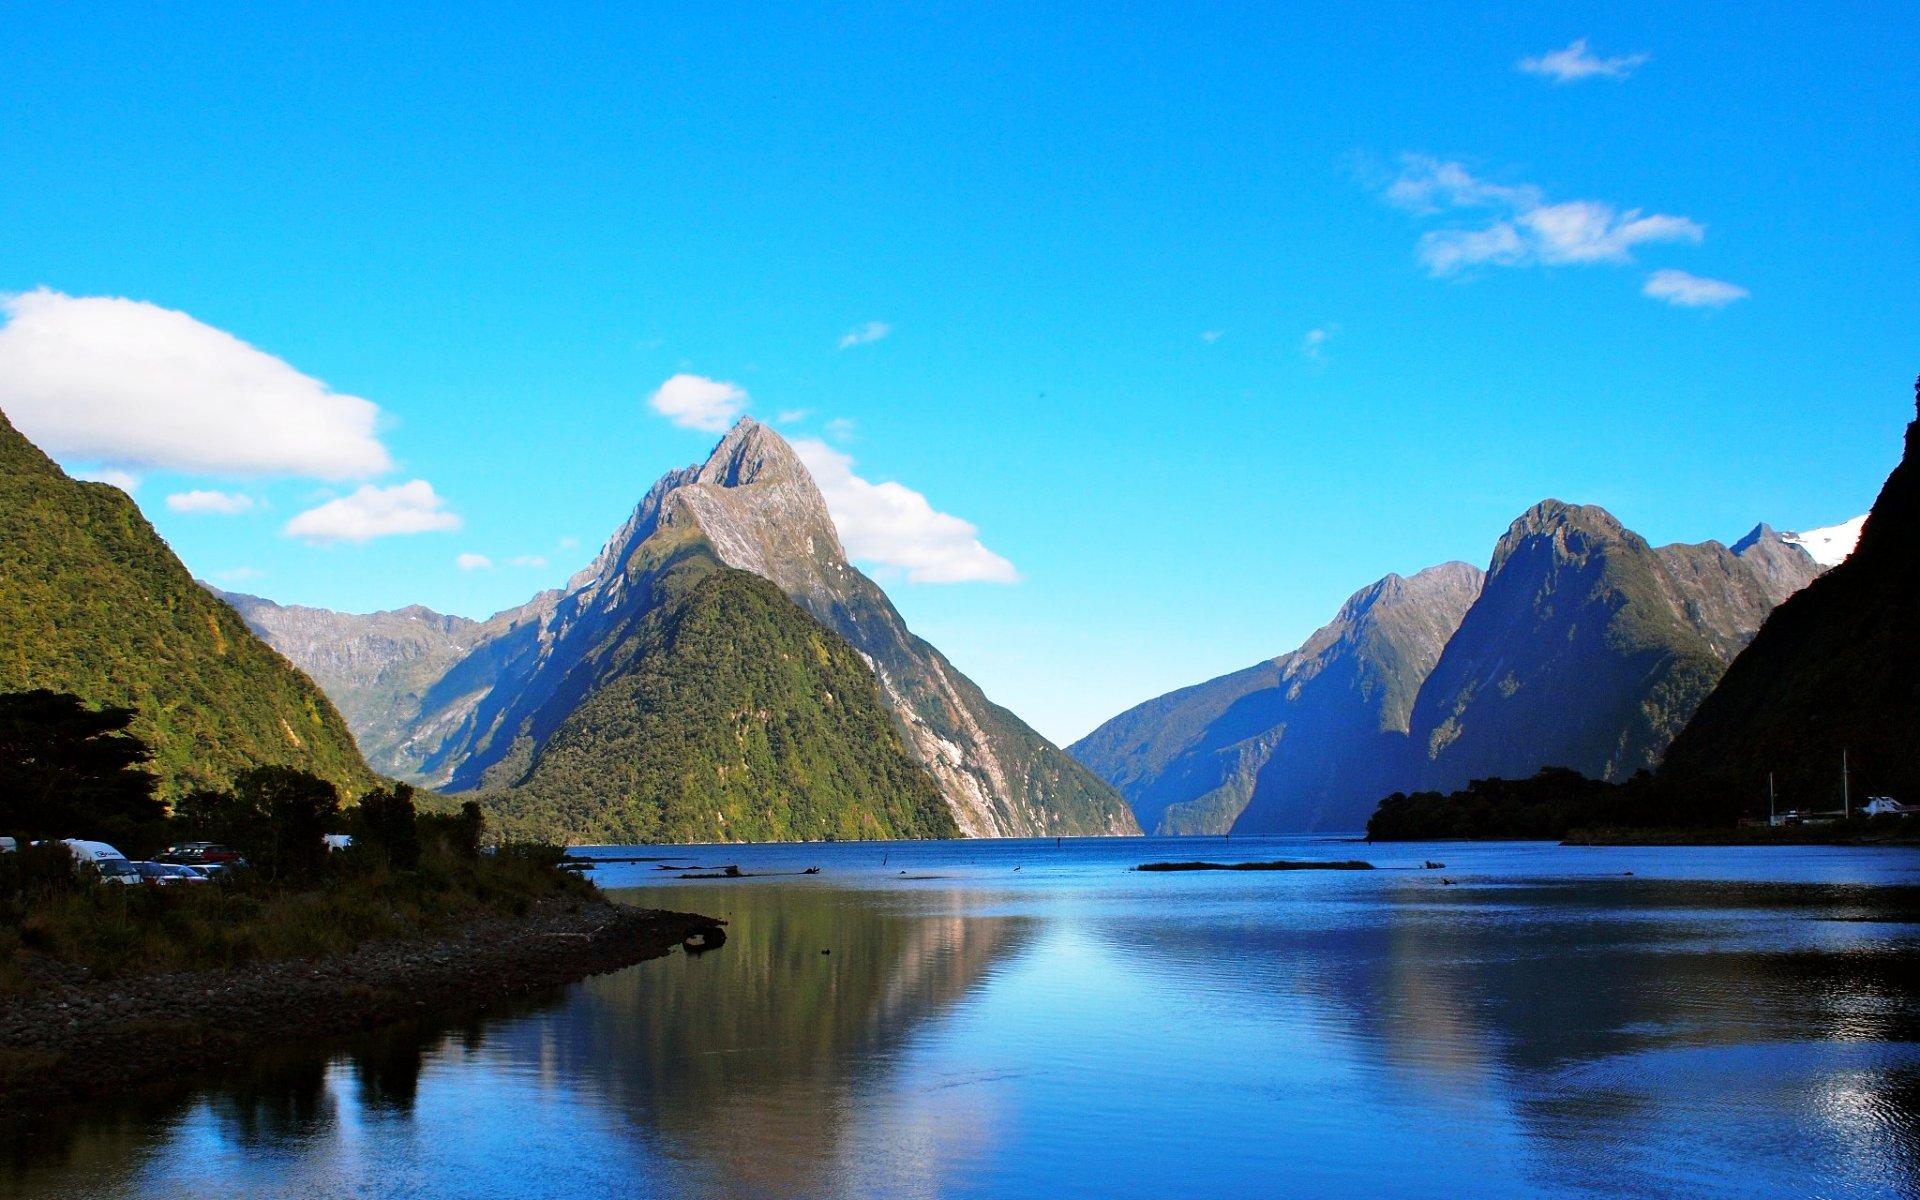 Расстрел в Новой Зеландии Pinterest: Картинка Фьорд в Новой Зеландии » Природа » Картинки 24